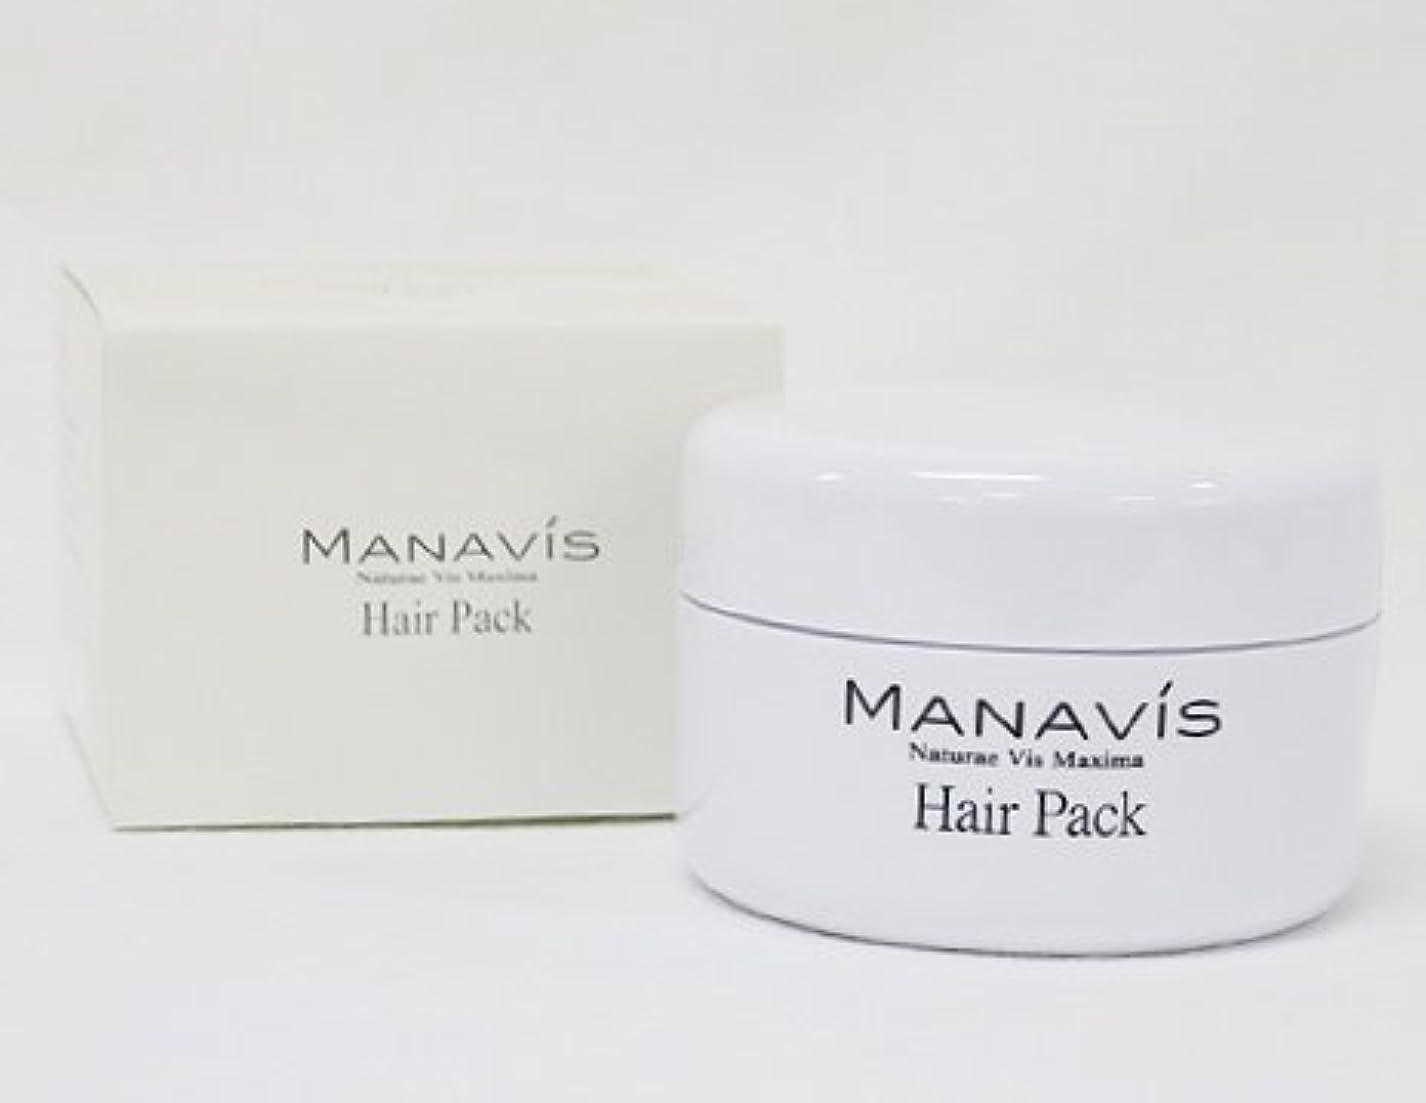 洪水全滅させる付き添い人MANAVIS マナビス化粧品 マナビス ヘアパック  (洗い流すタイプ)